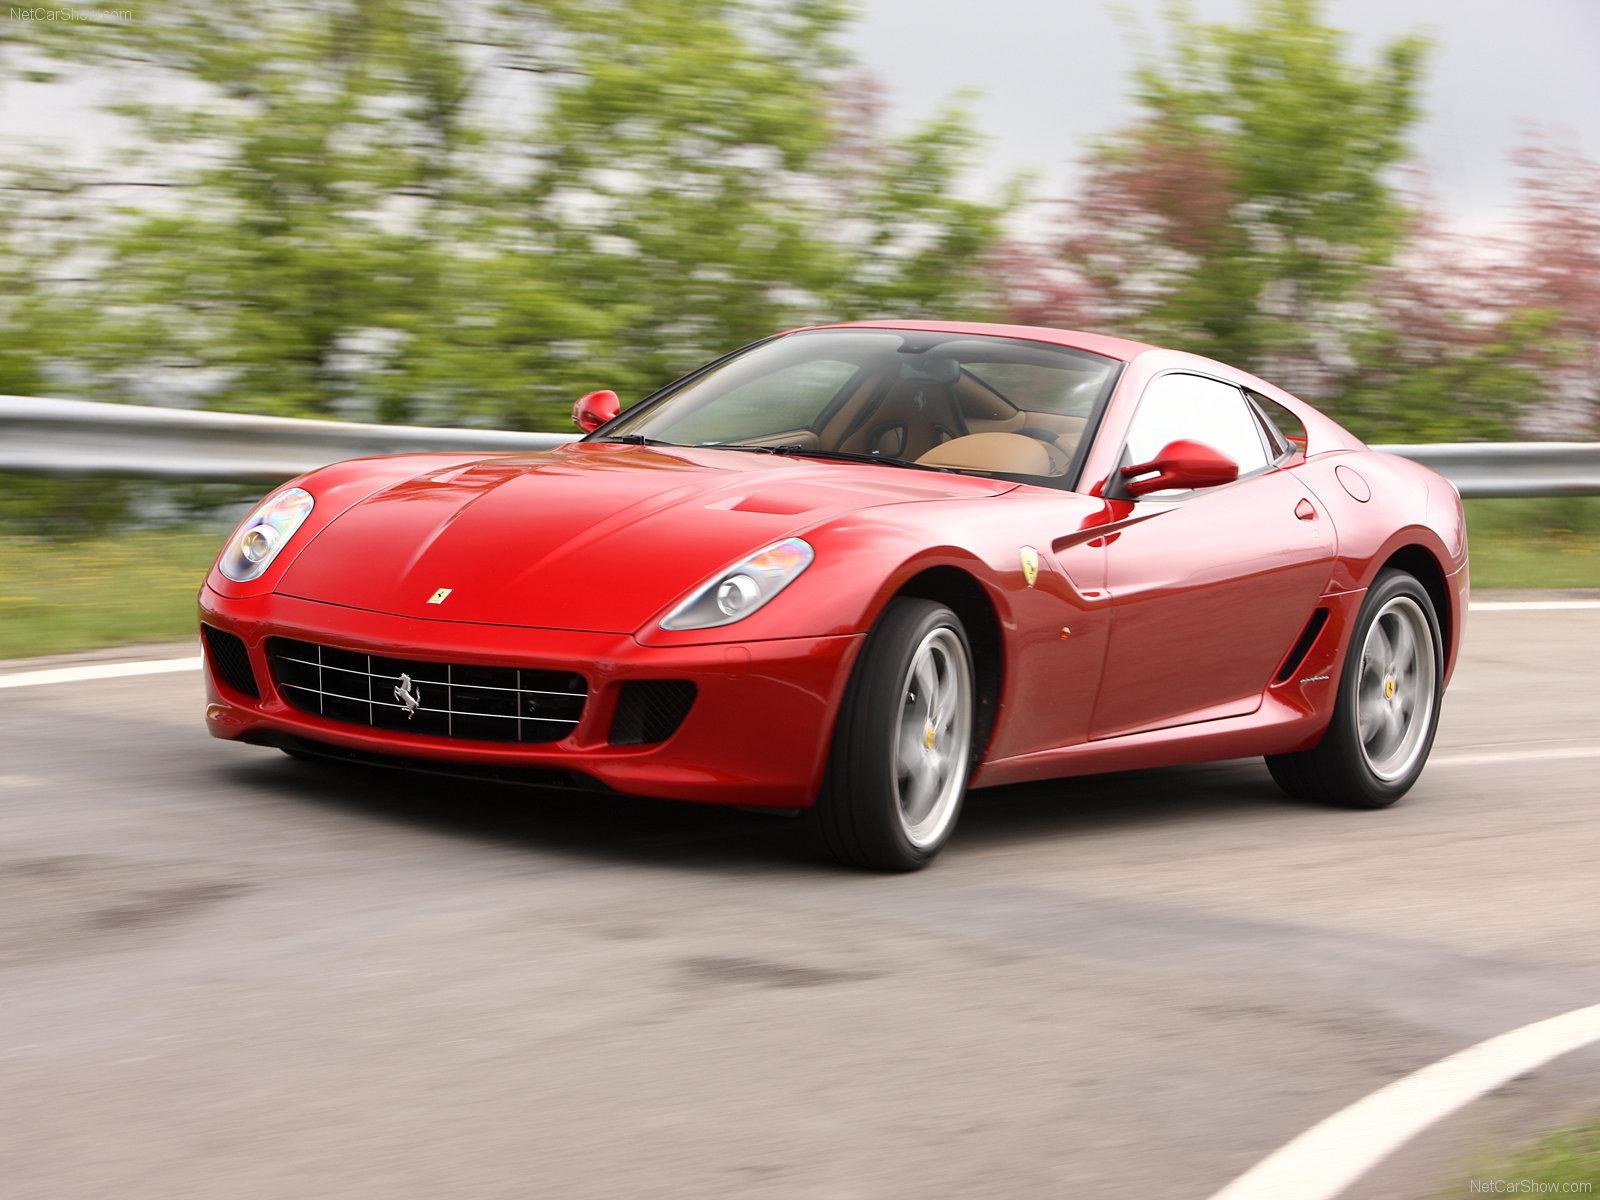 Ferrari 599 related imagesstart 50 weili automotive network ferrari 599 gtb fiorano hgte photo 65243 vanachro Images